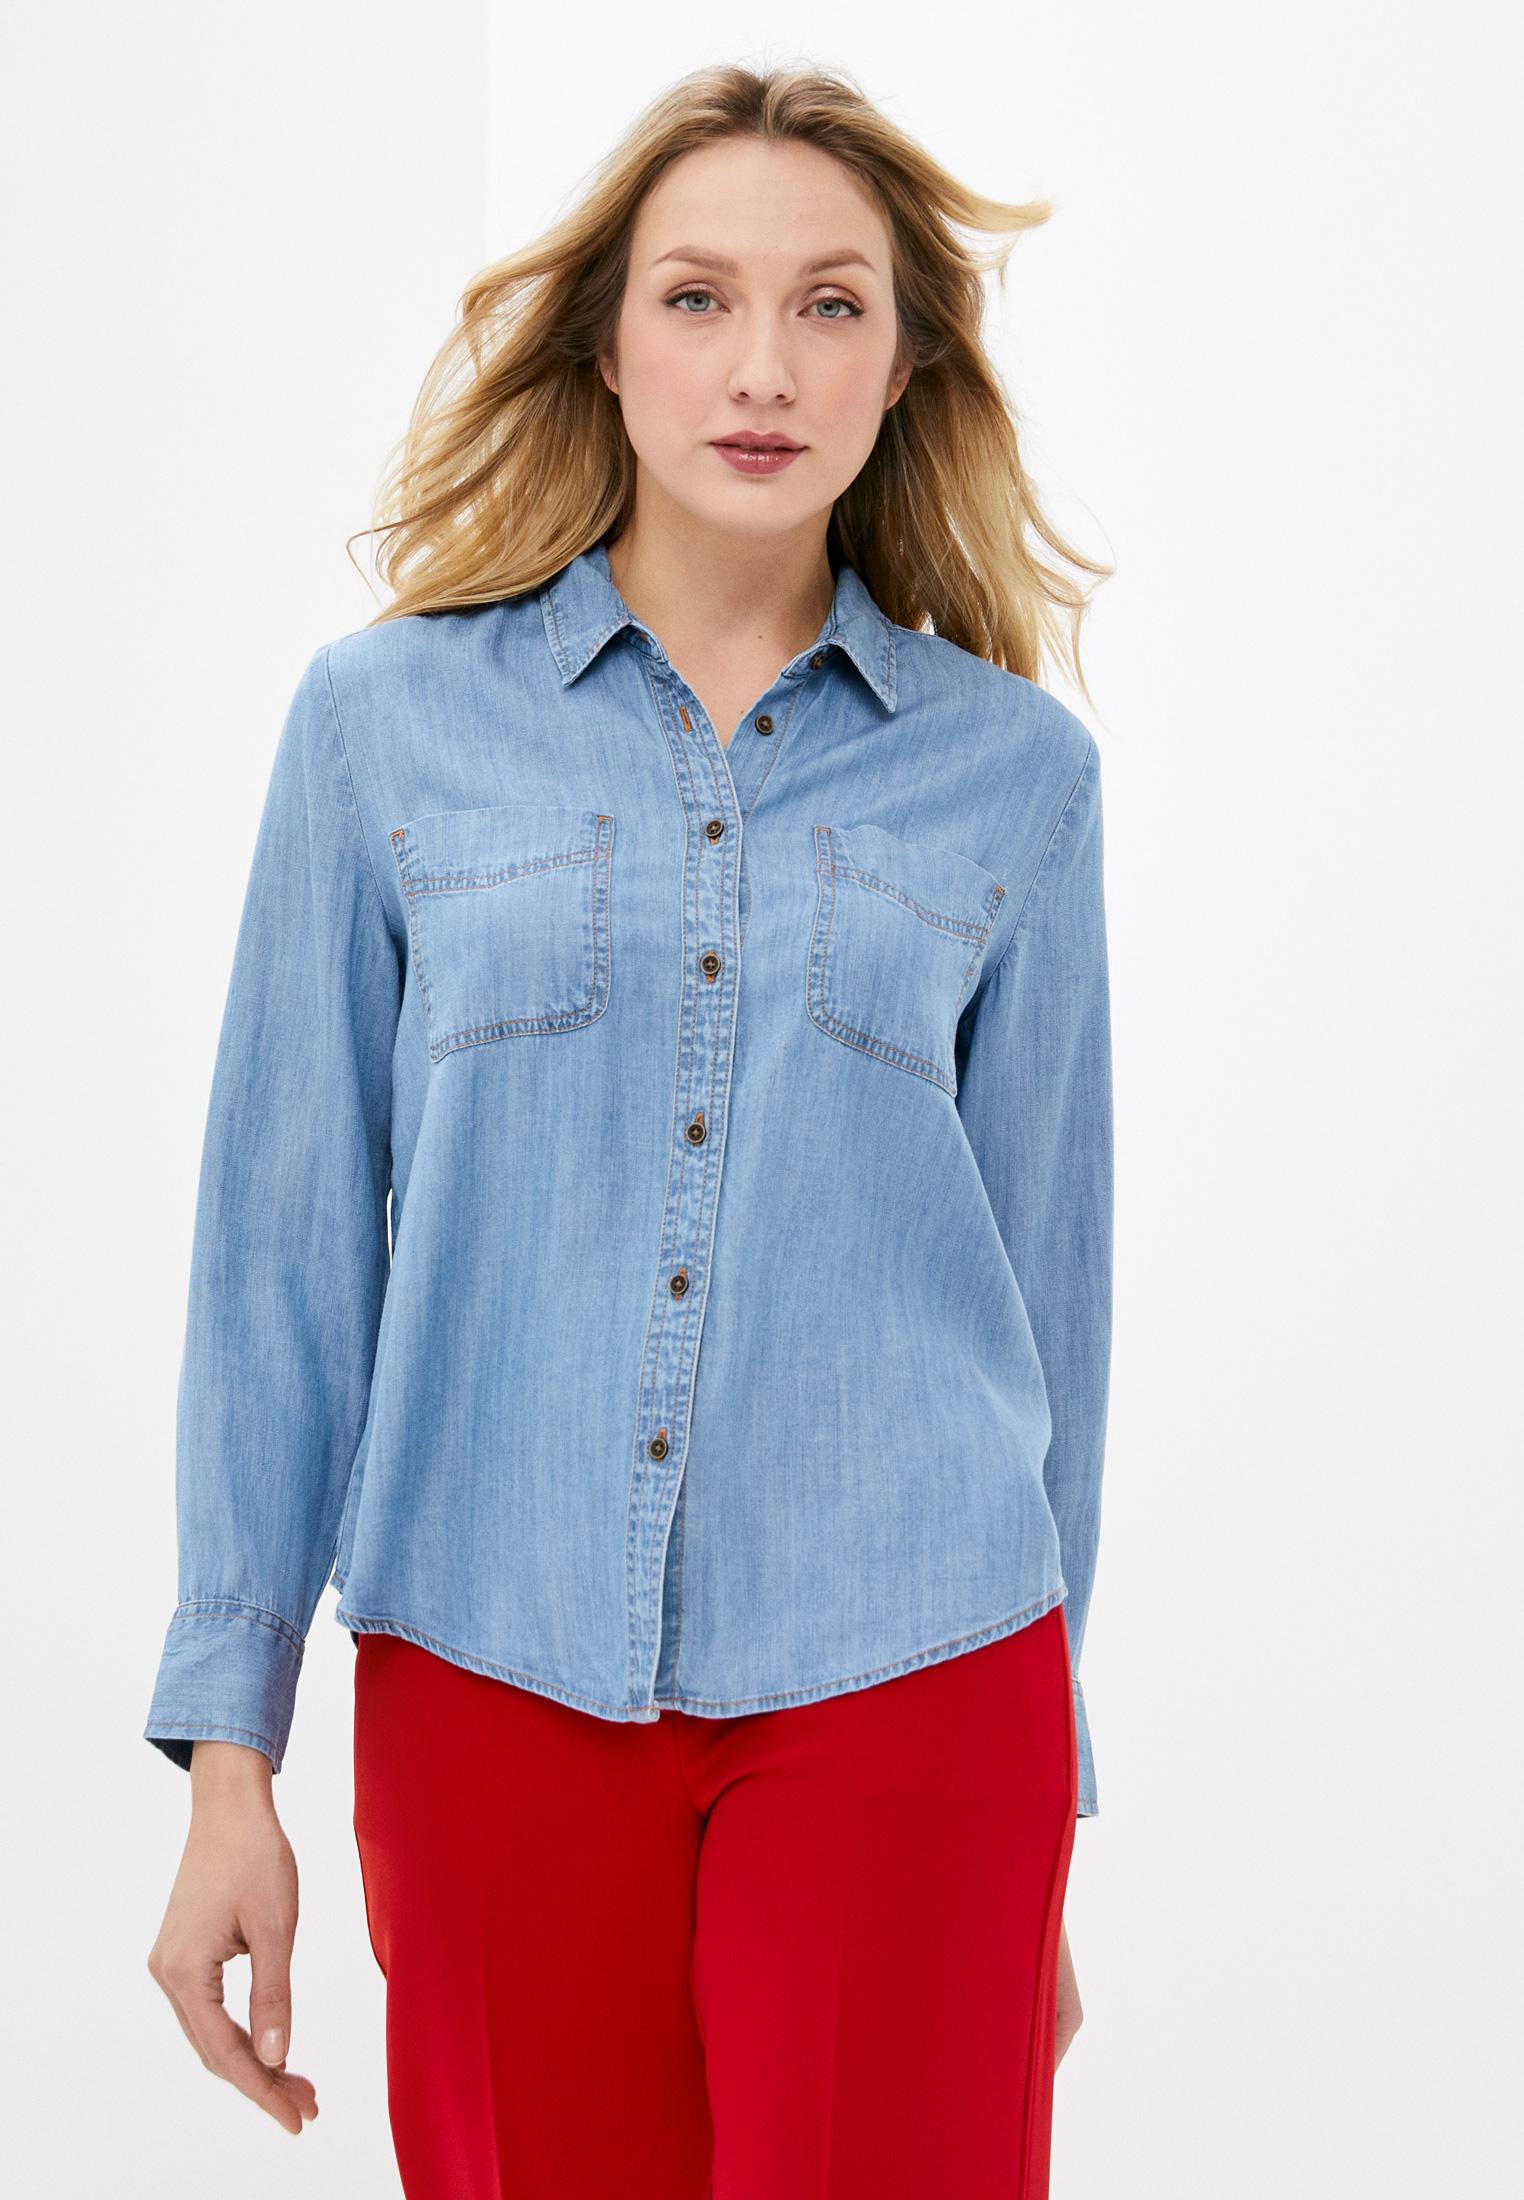 Женские джинсовые рубашки Marks & Spencer Рубашка джинсовая Marks & Spencer